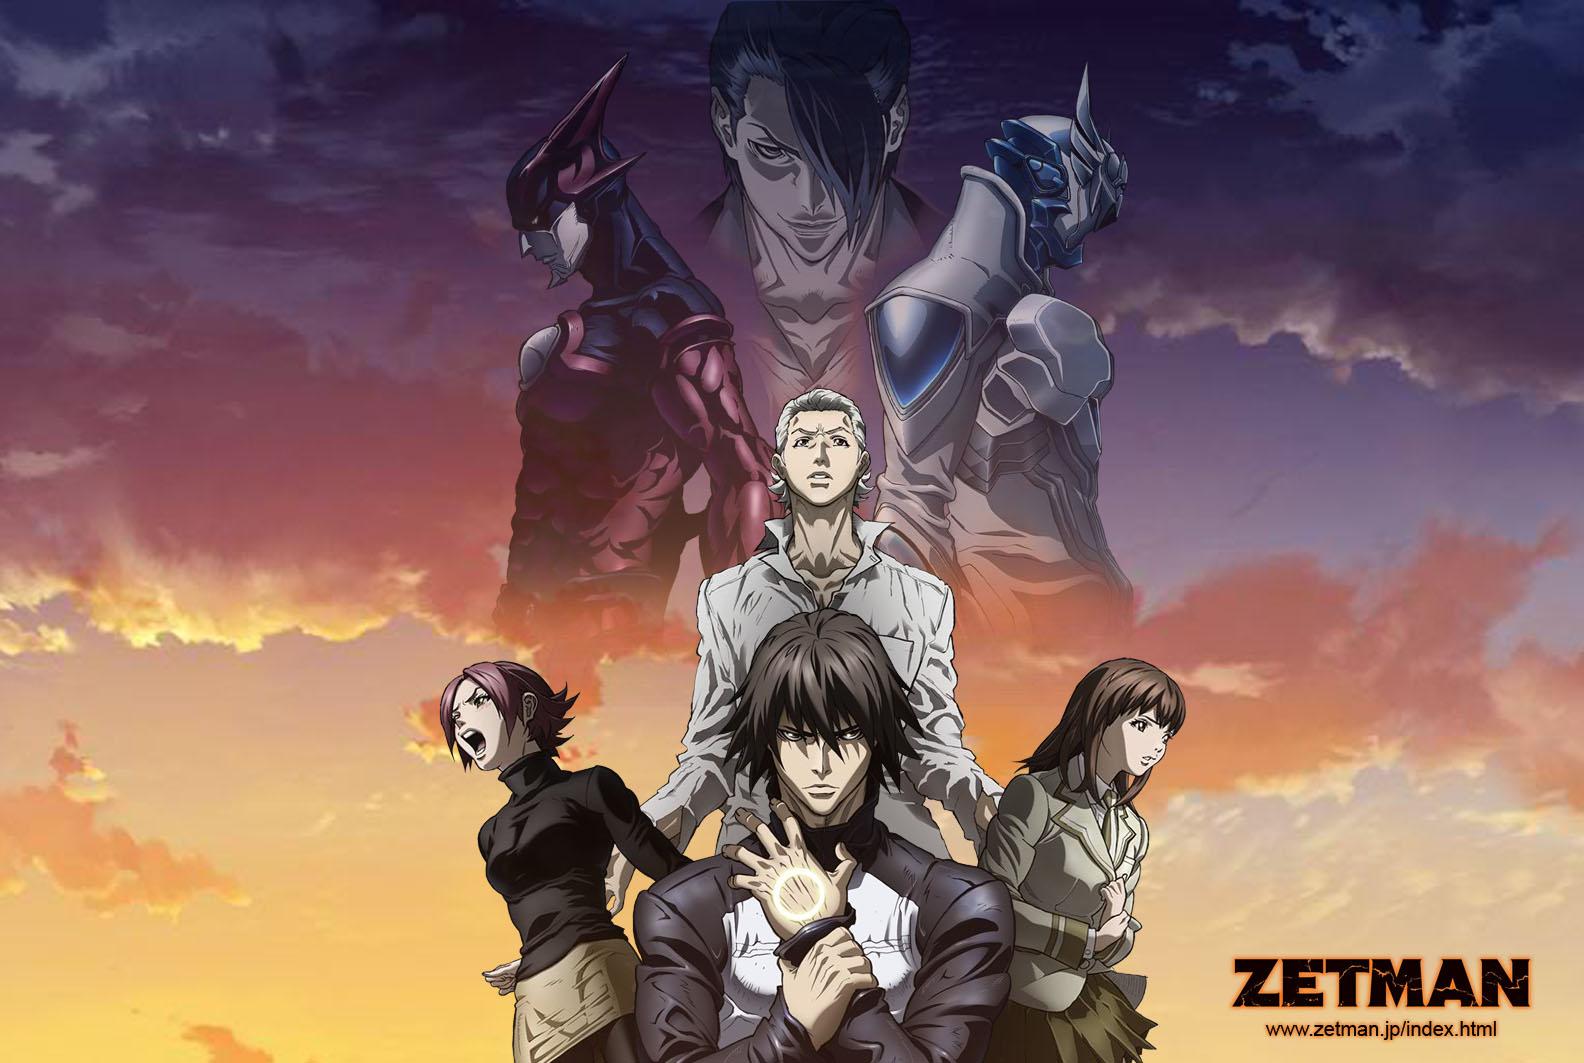 Zetman Anime Series Anime Wallpaper Zetman